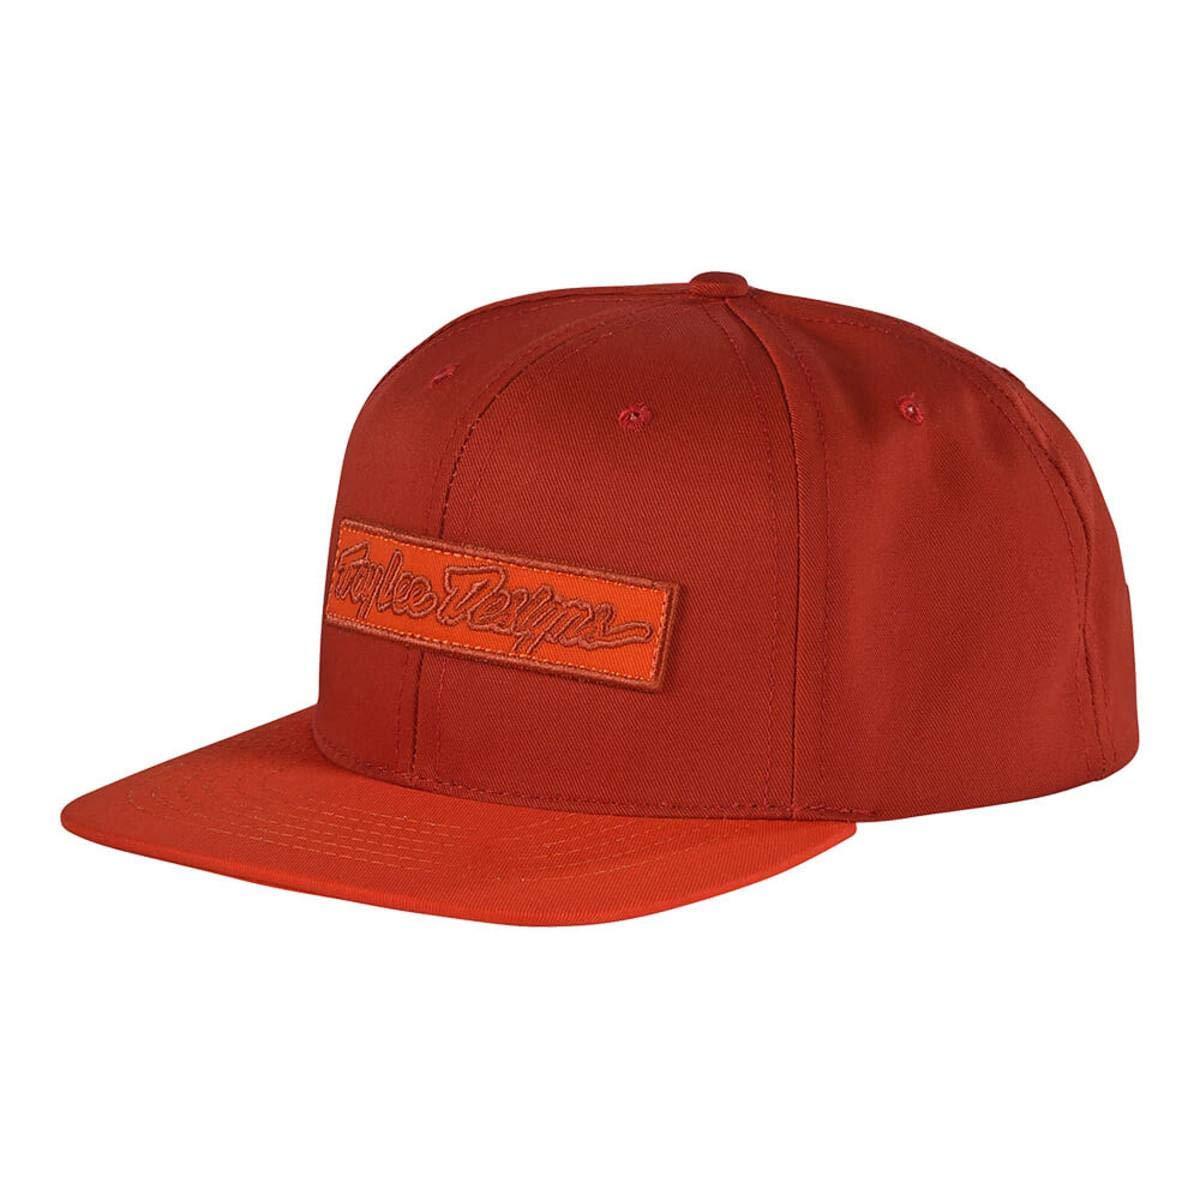 Troy Lee Designs Mens Outsider Snapback Adjustable Hats